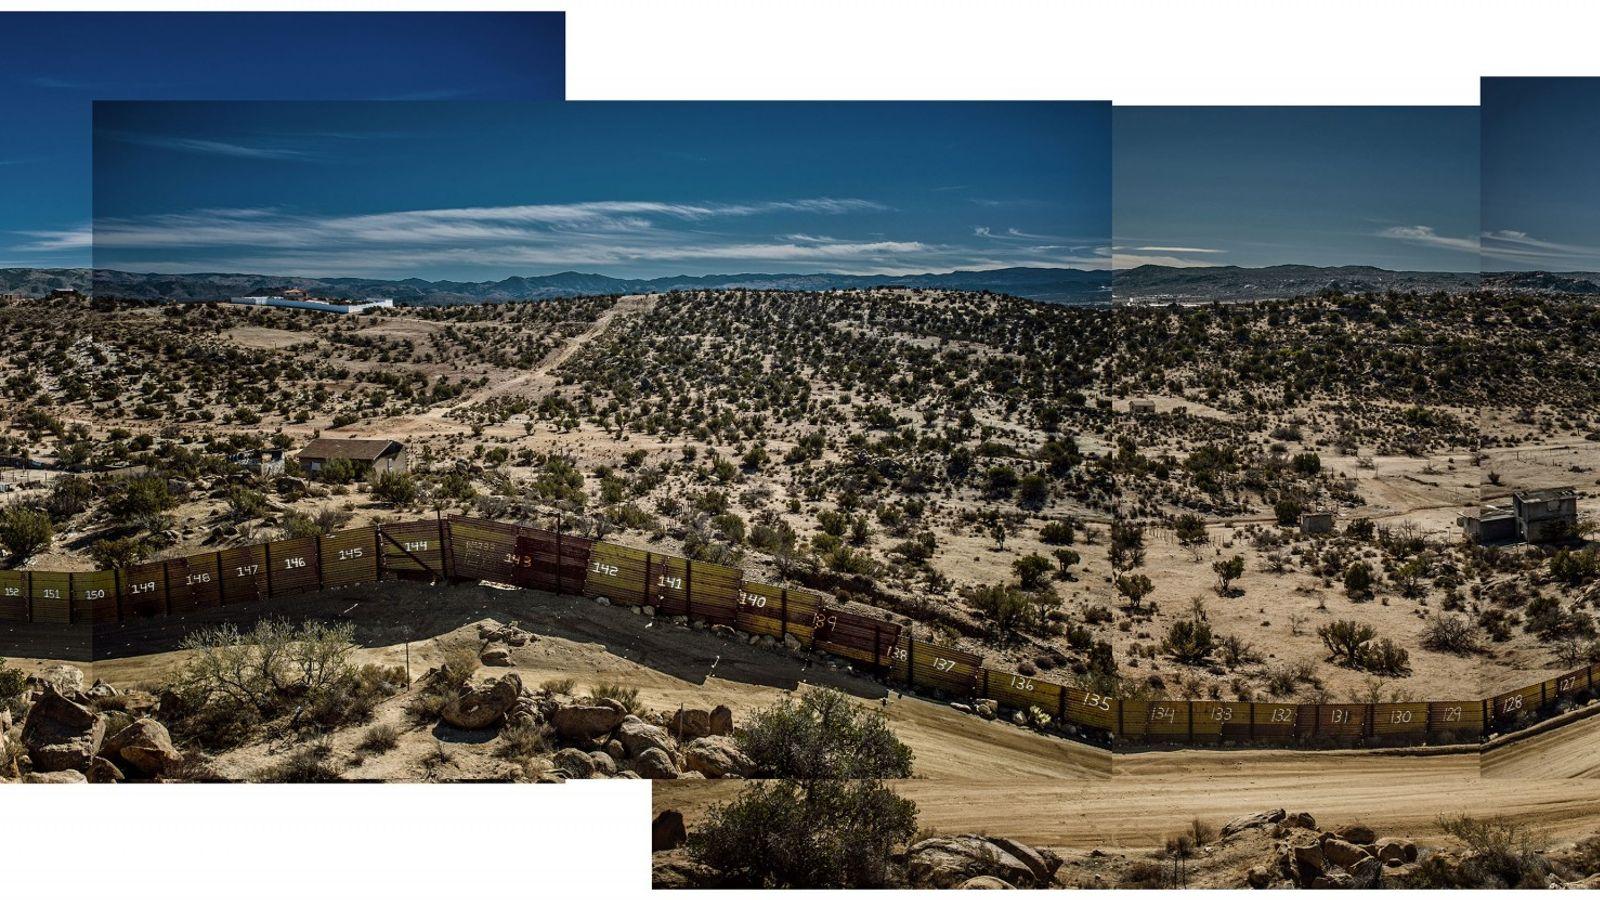 Cette photographie montre le mur frontalier situé dans le désert qui sépare Jacumba, en Californie, de ...